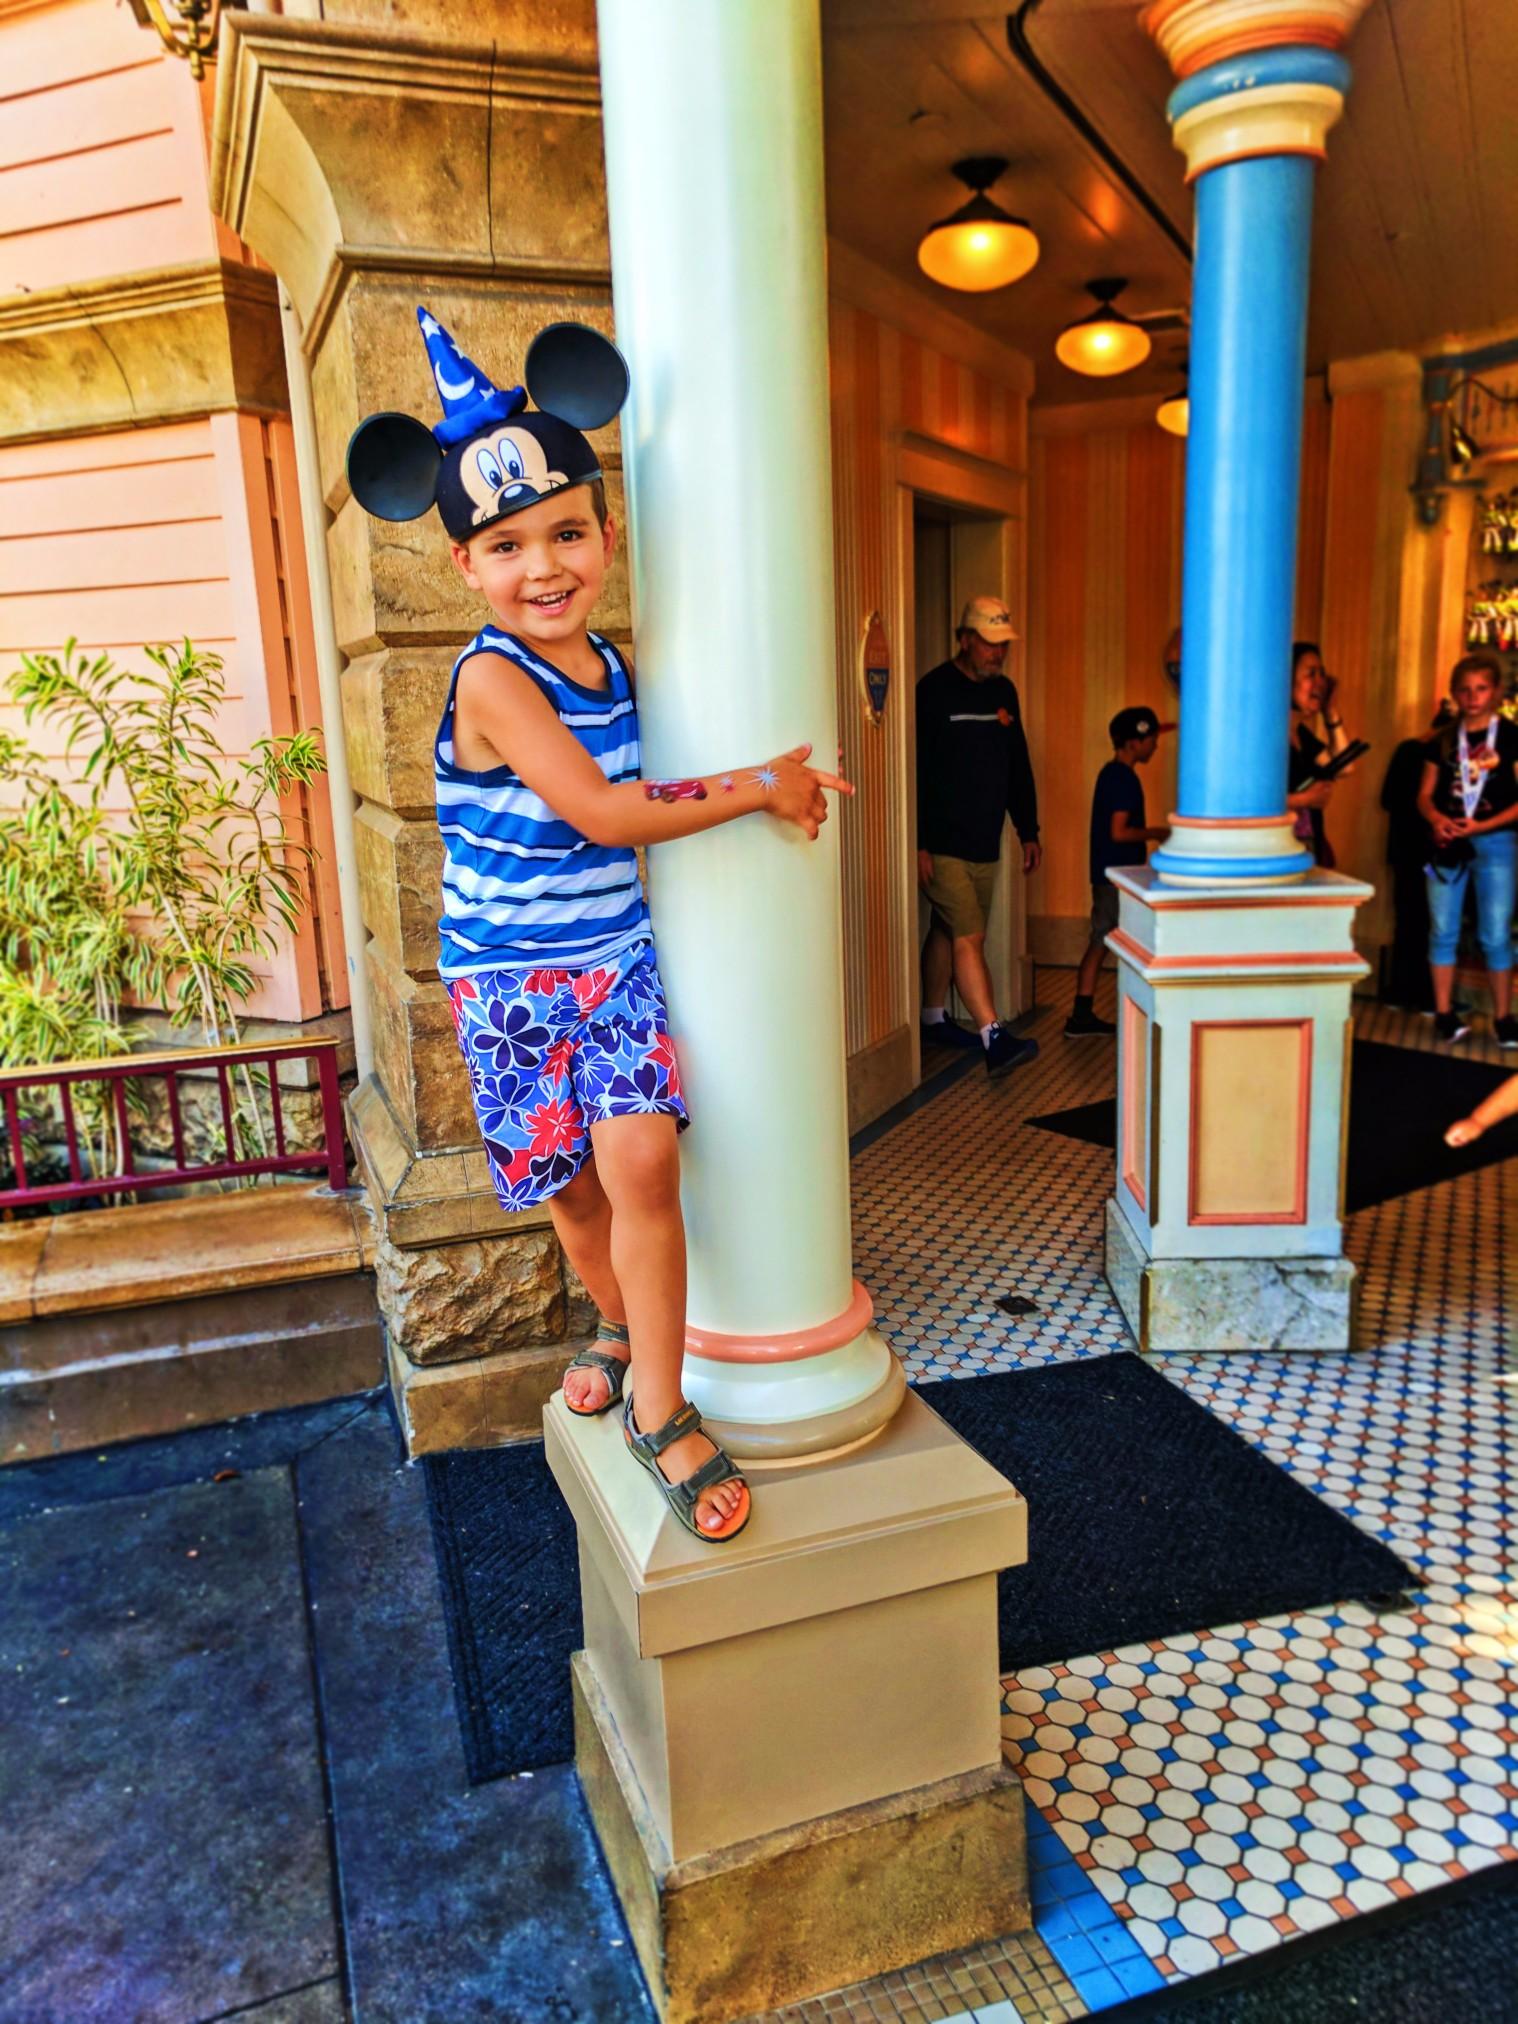 Taylor Family at Toy Story Mania Disneys California Adventure 1